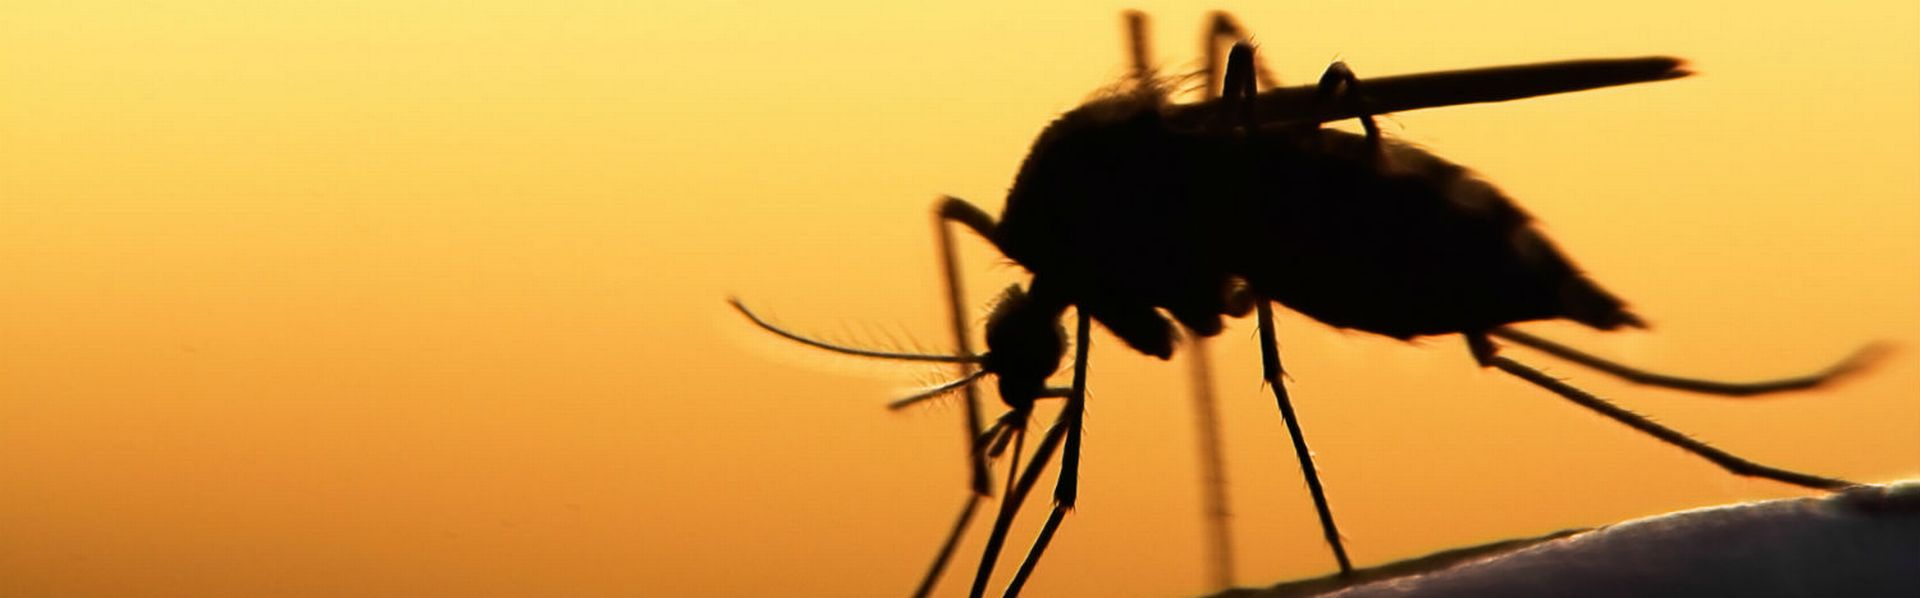 le dossier sur les maladies et insectes de RTS Découverte [© mycteria - Fotolia]